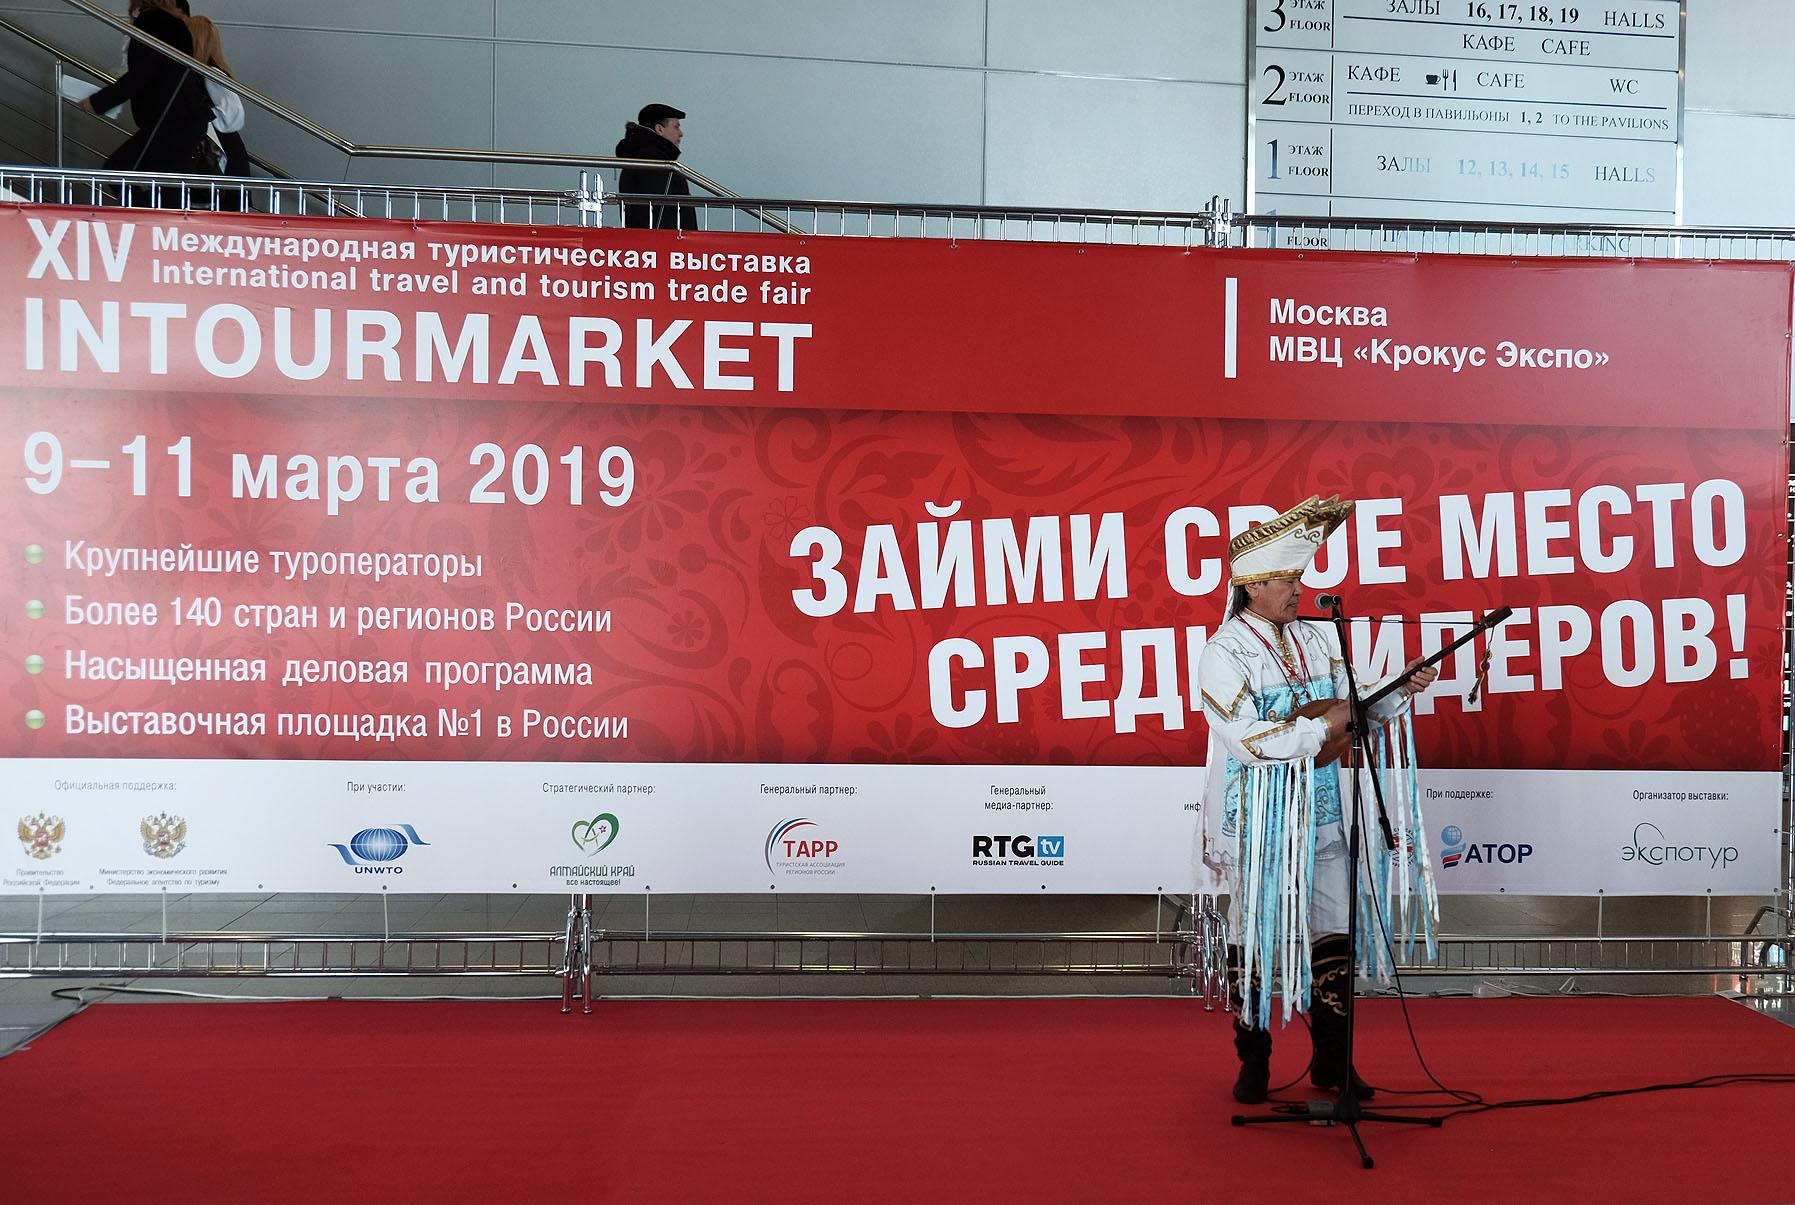 Посещение выставки «Интурмаркет-2019» в фотографиях